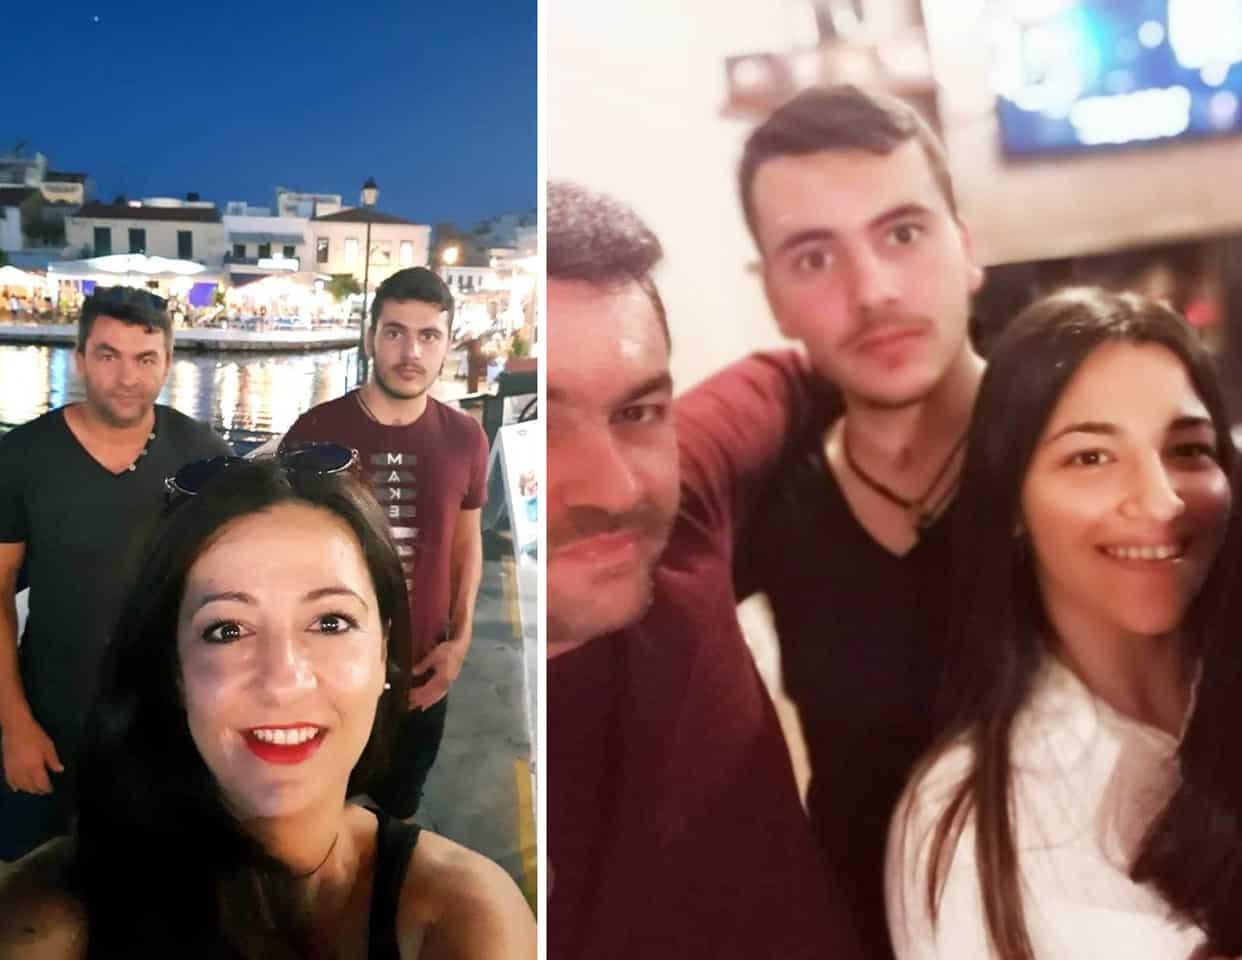 Κρήτη:Ξύπνησε από κώμα και γύρισε  νικητής στο σπίτι του ο 18χρονος Στέλιος